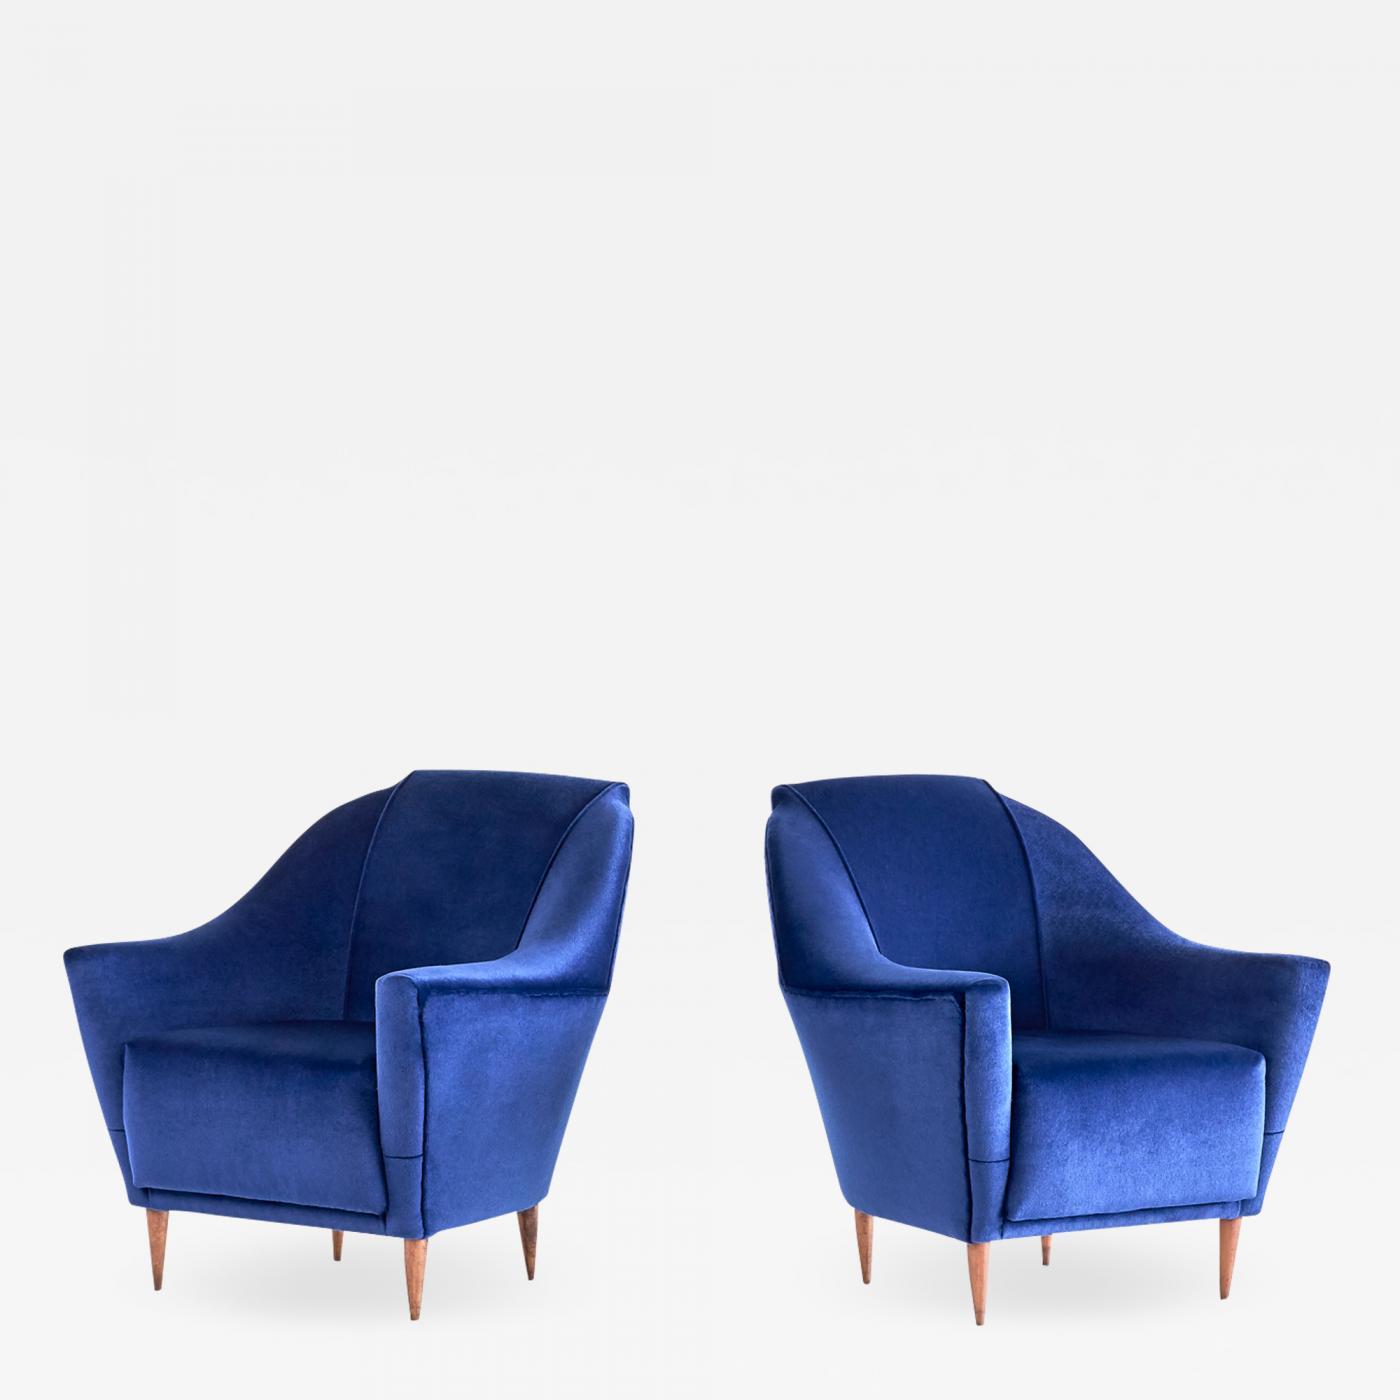 Studio Parisi E Associati Milano pair of ico parisi armchairs in blue mohair velvet, 1951